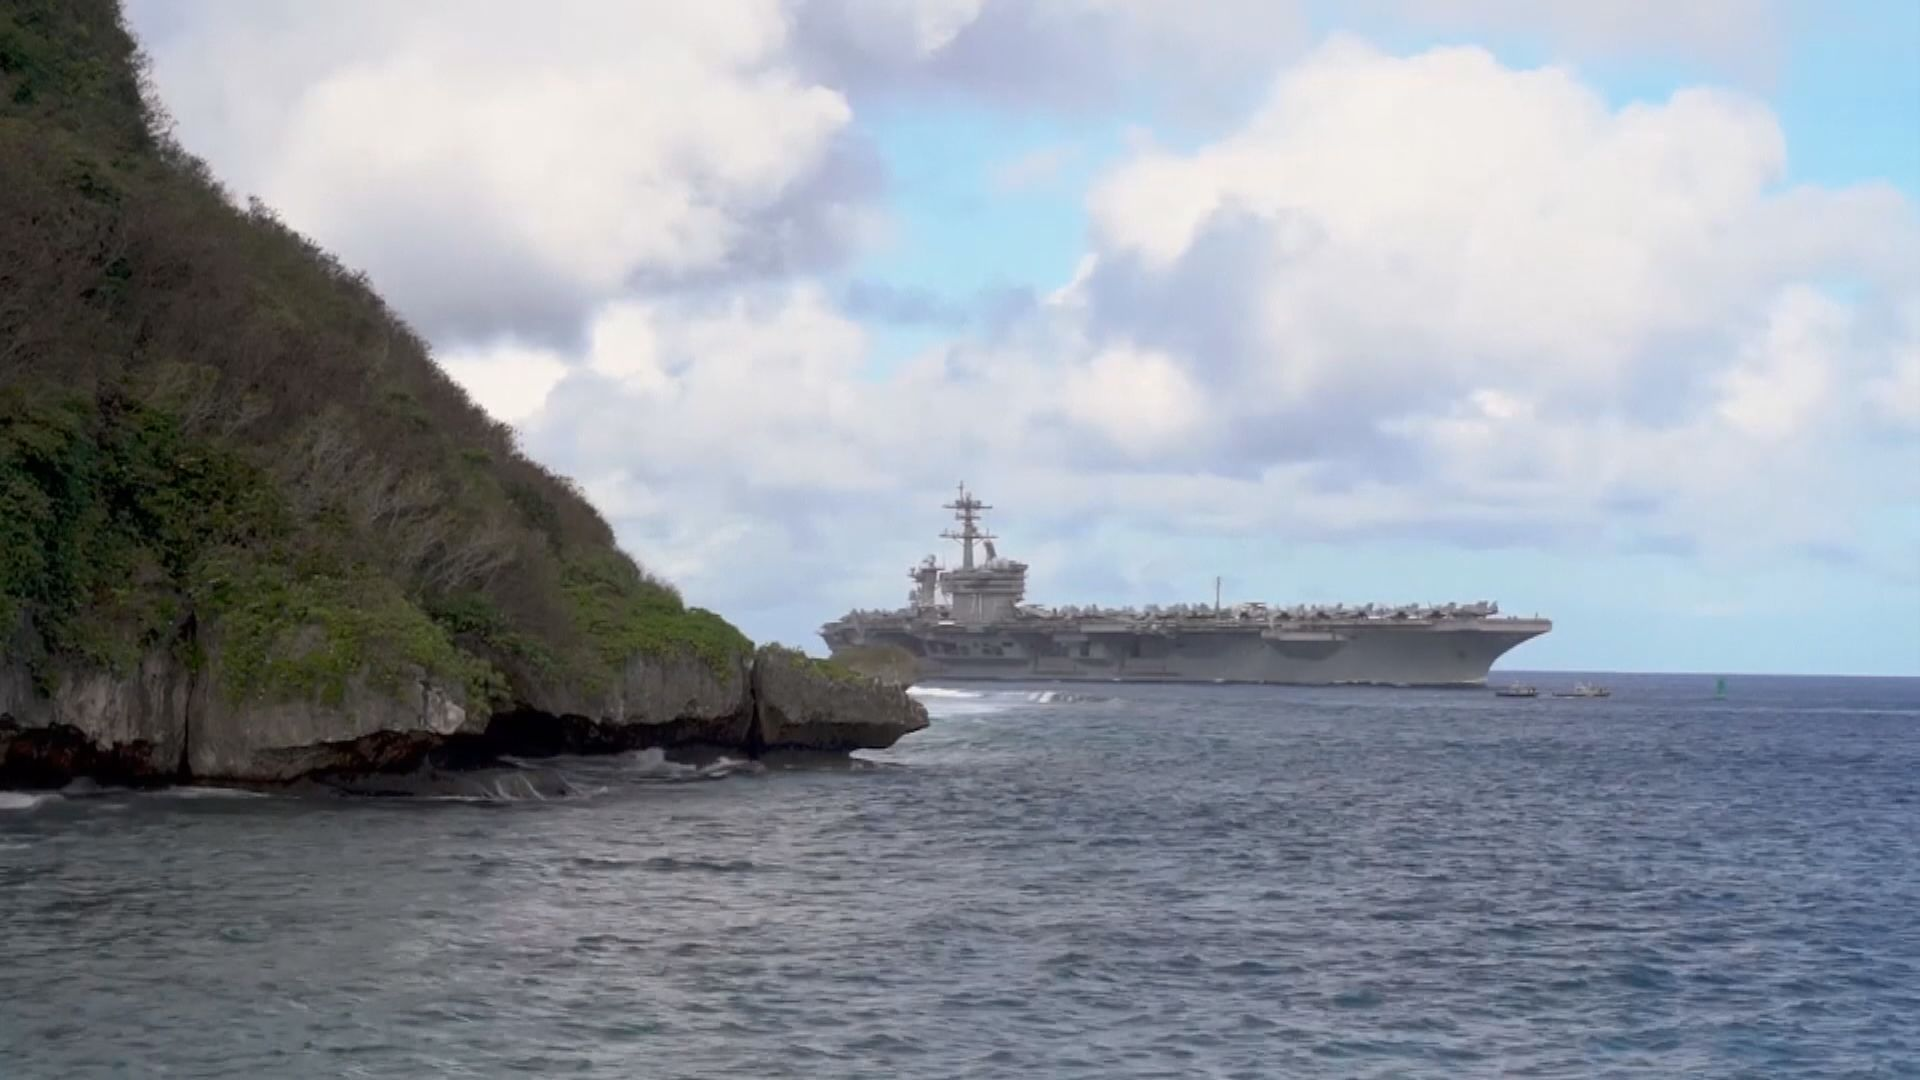 航母羅斯福號百多船員確診 前艦長獲英雄式送別